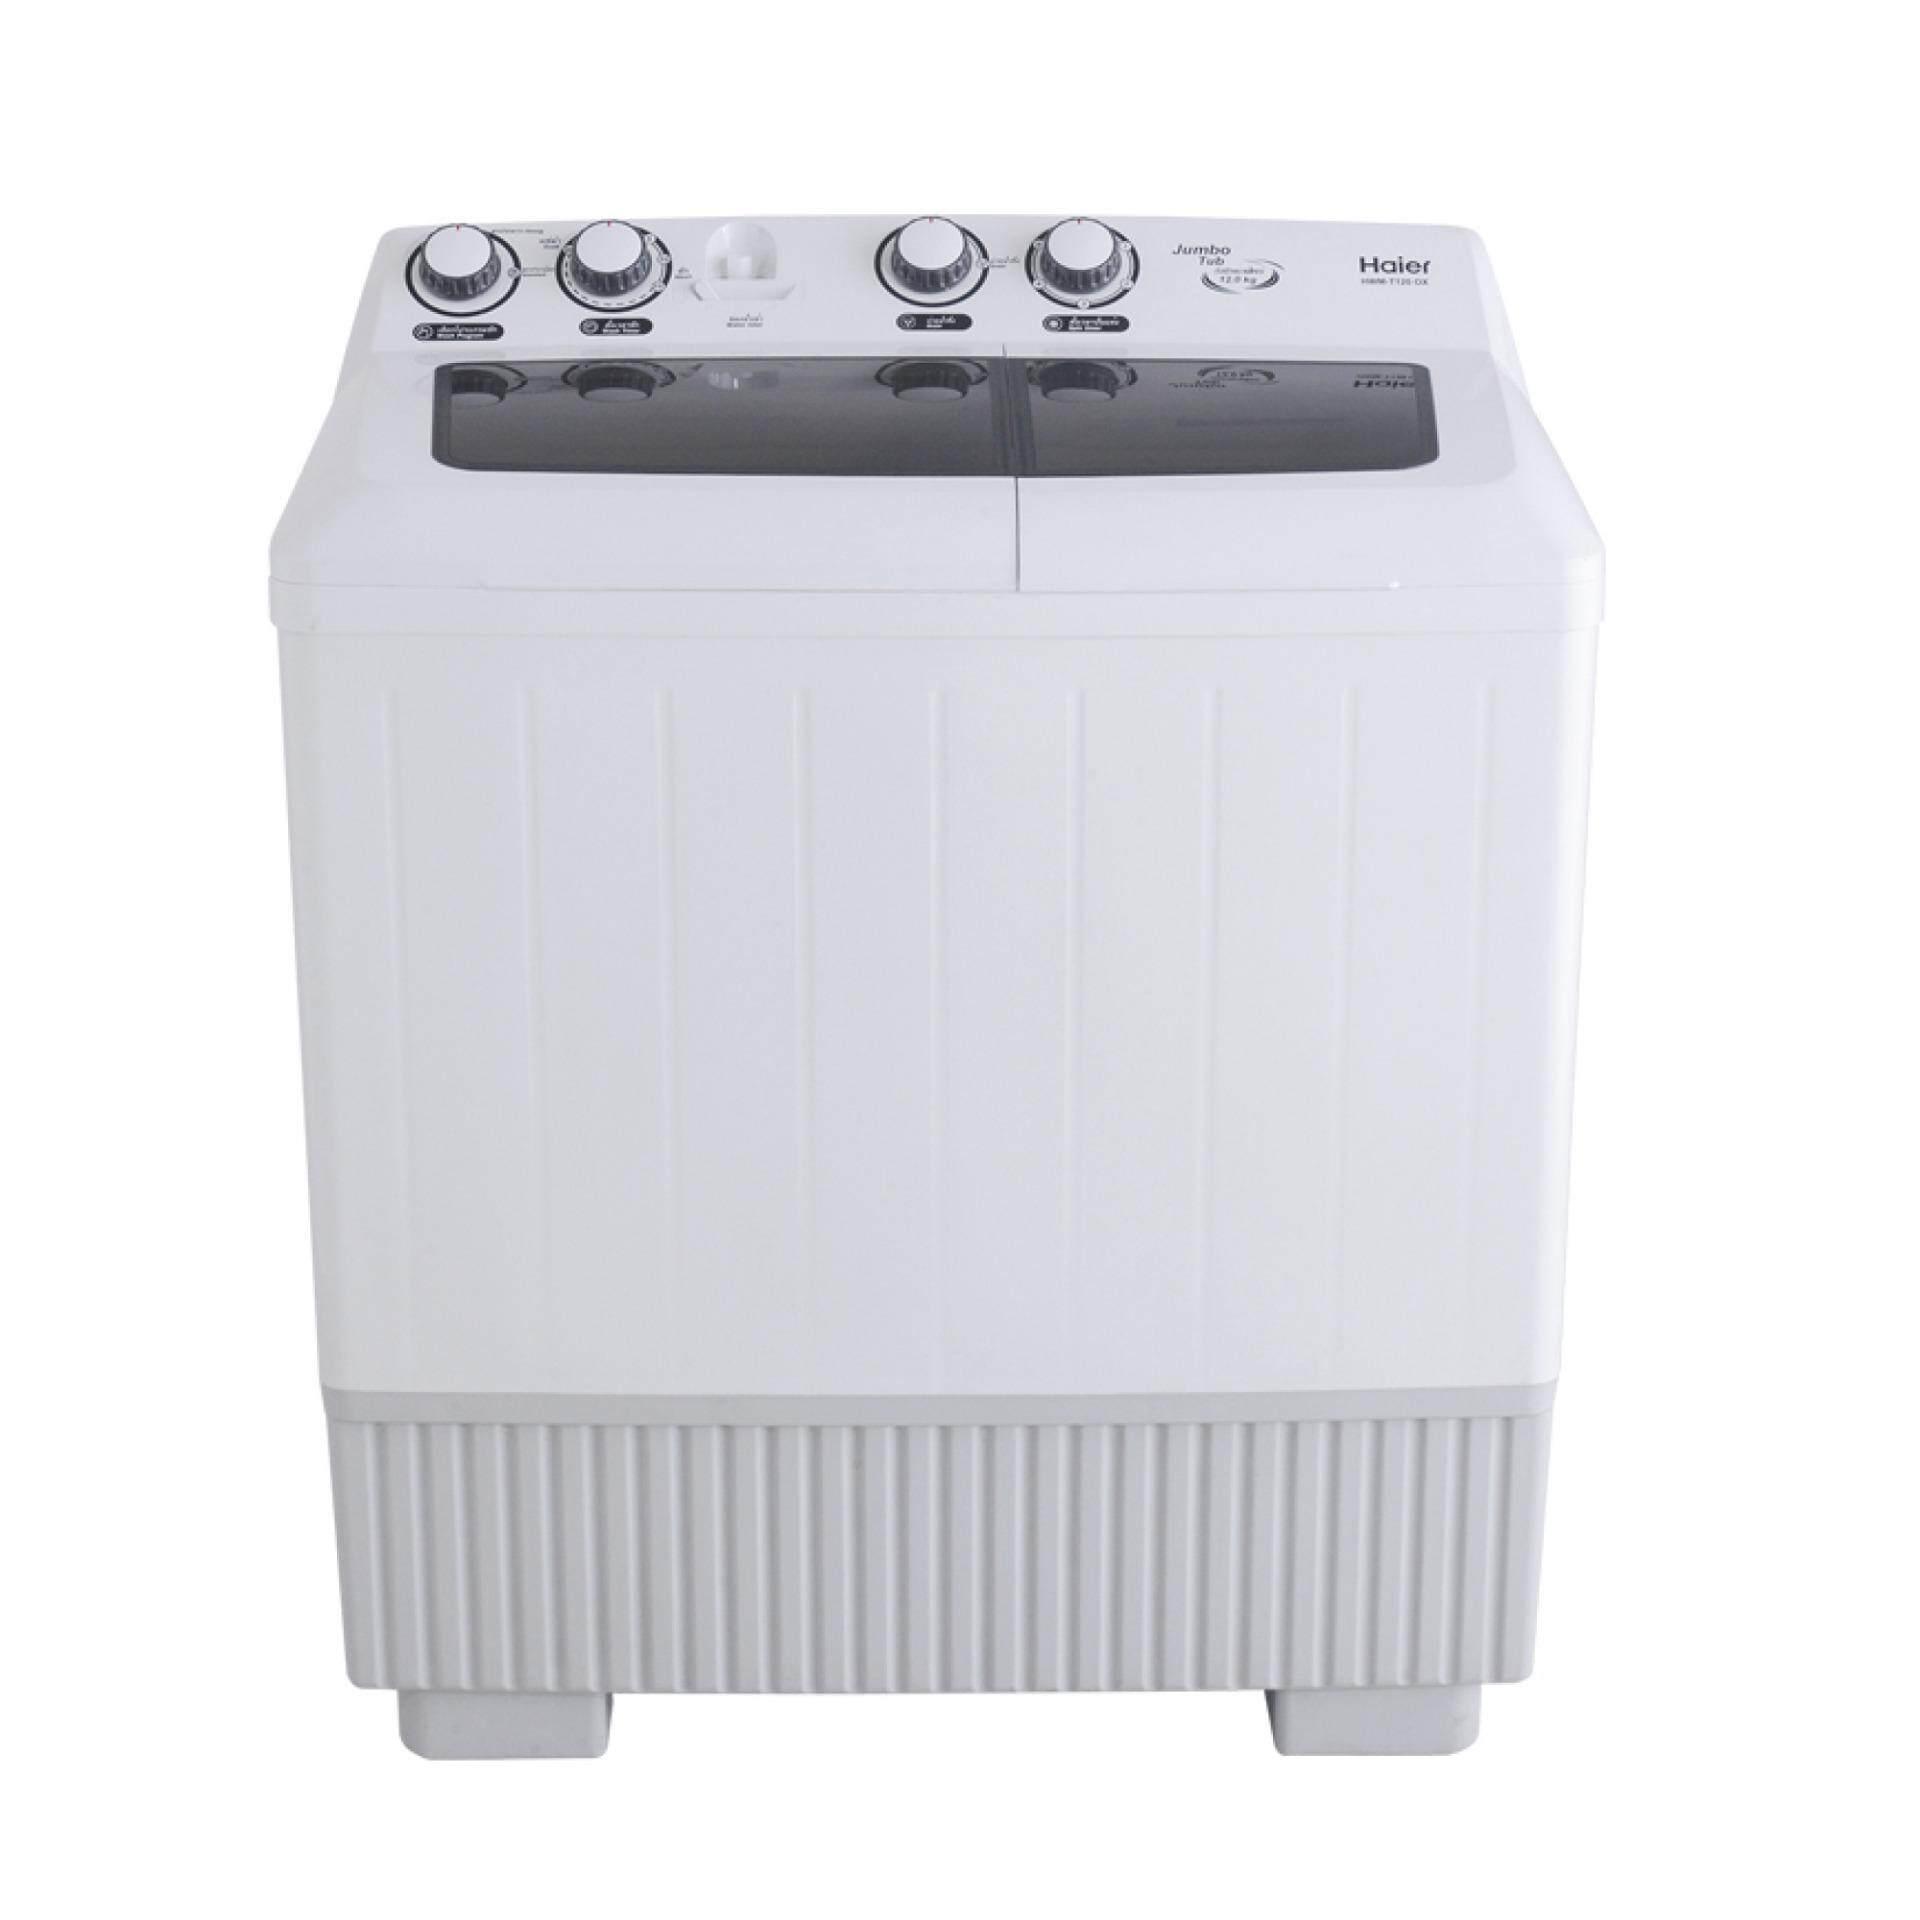 ฉลองยอดขายอันดับ 1 ลดราคา เครื่องซักผ้า พลาสมา Sale -40% Plasma เครื่องซักผ้า 2 ถัง ขนาด 9 kg. รุ่น PWM951 (สีขาว) ยอดขายเยอะมากๆ